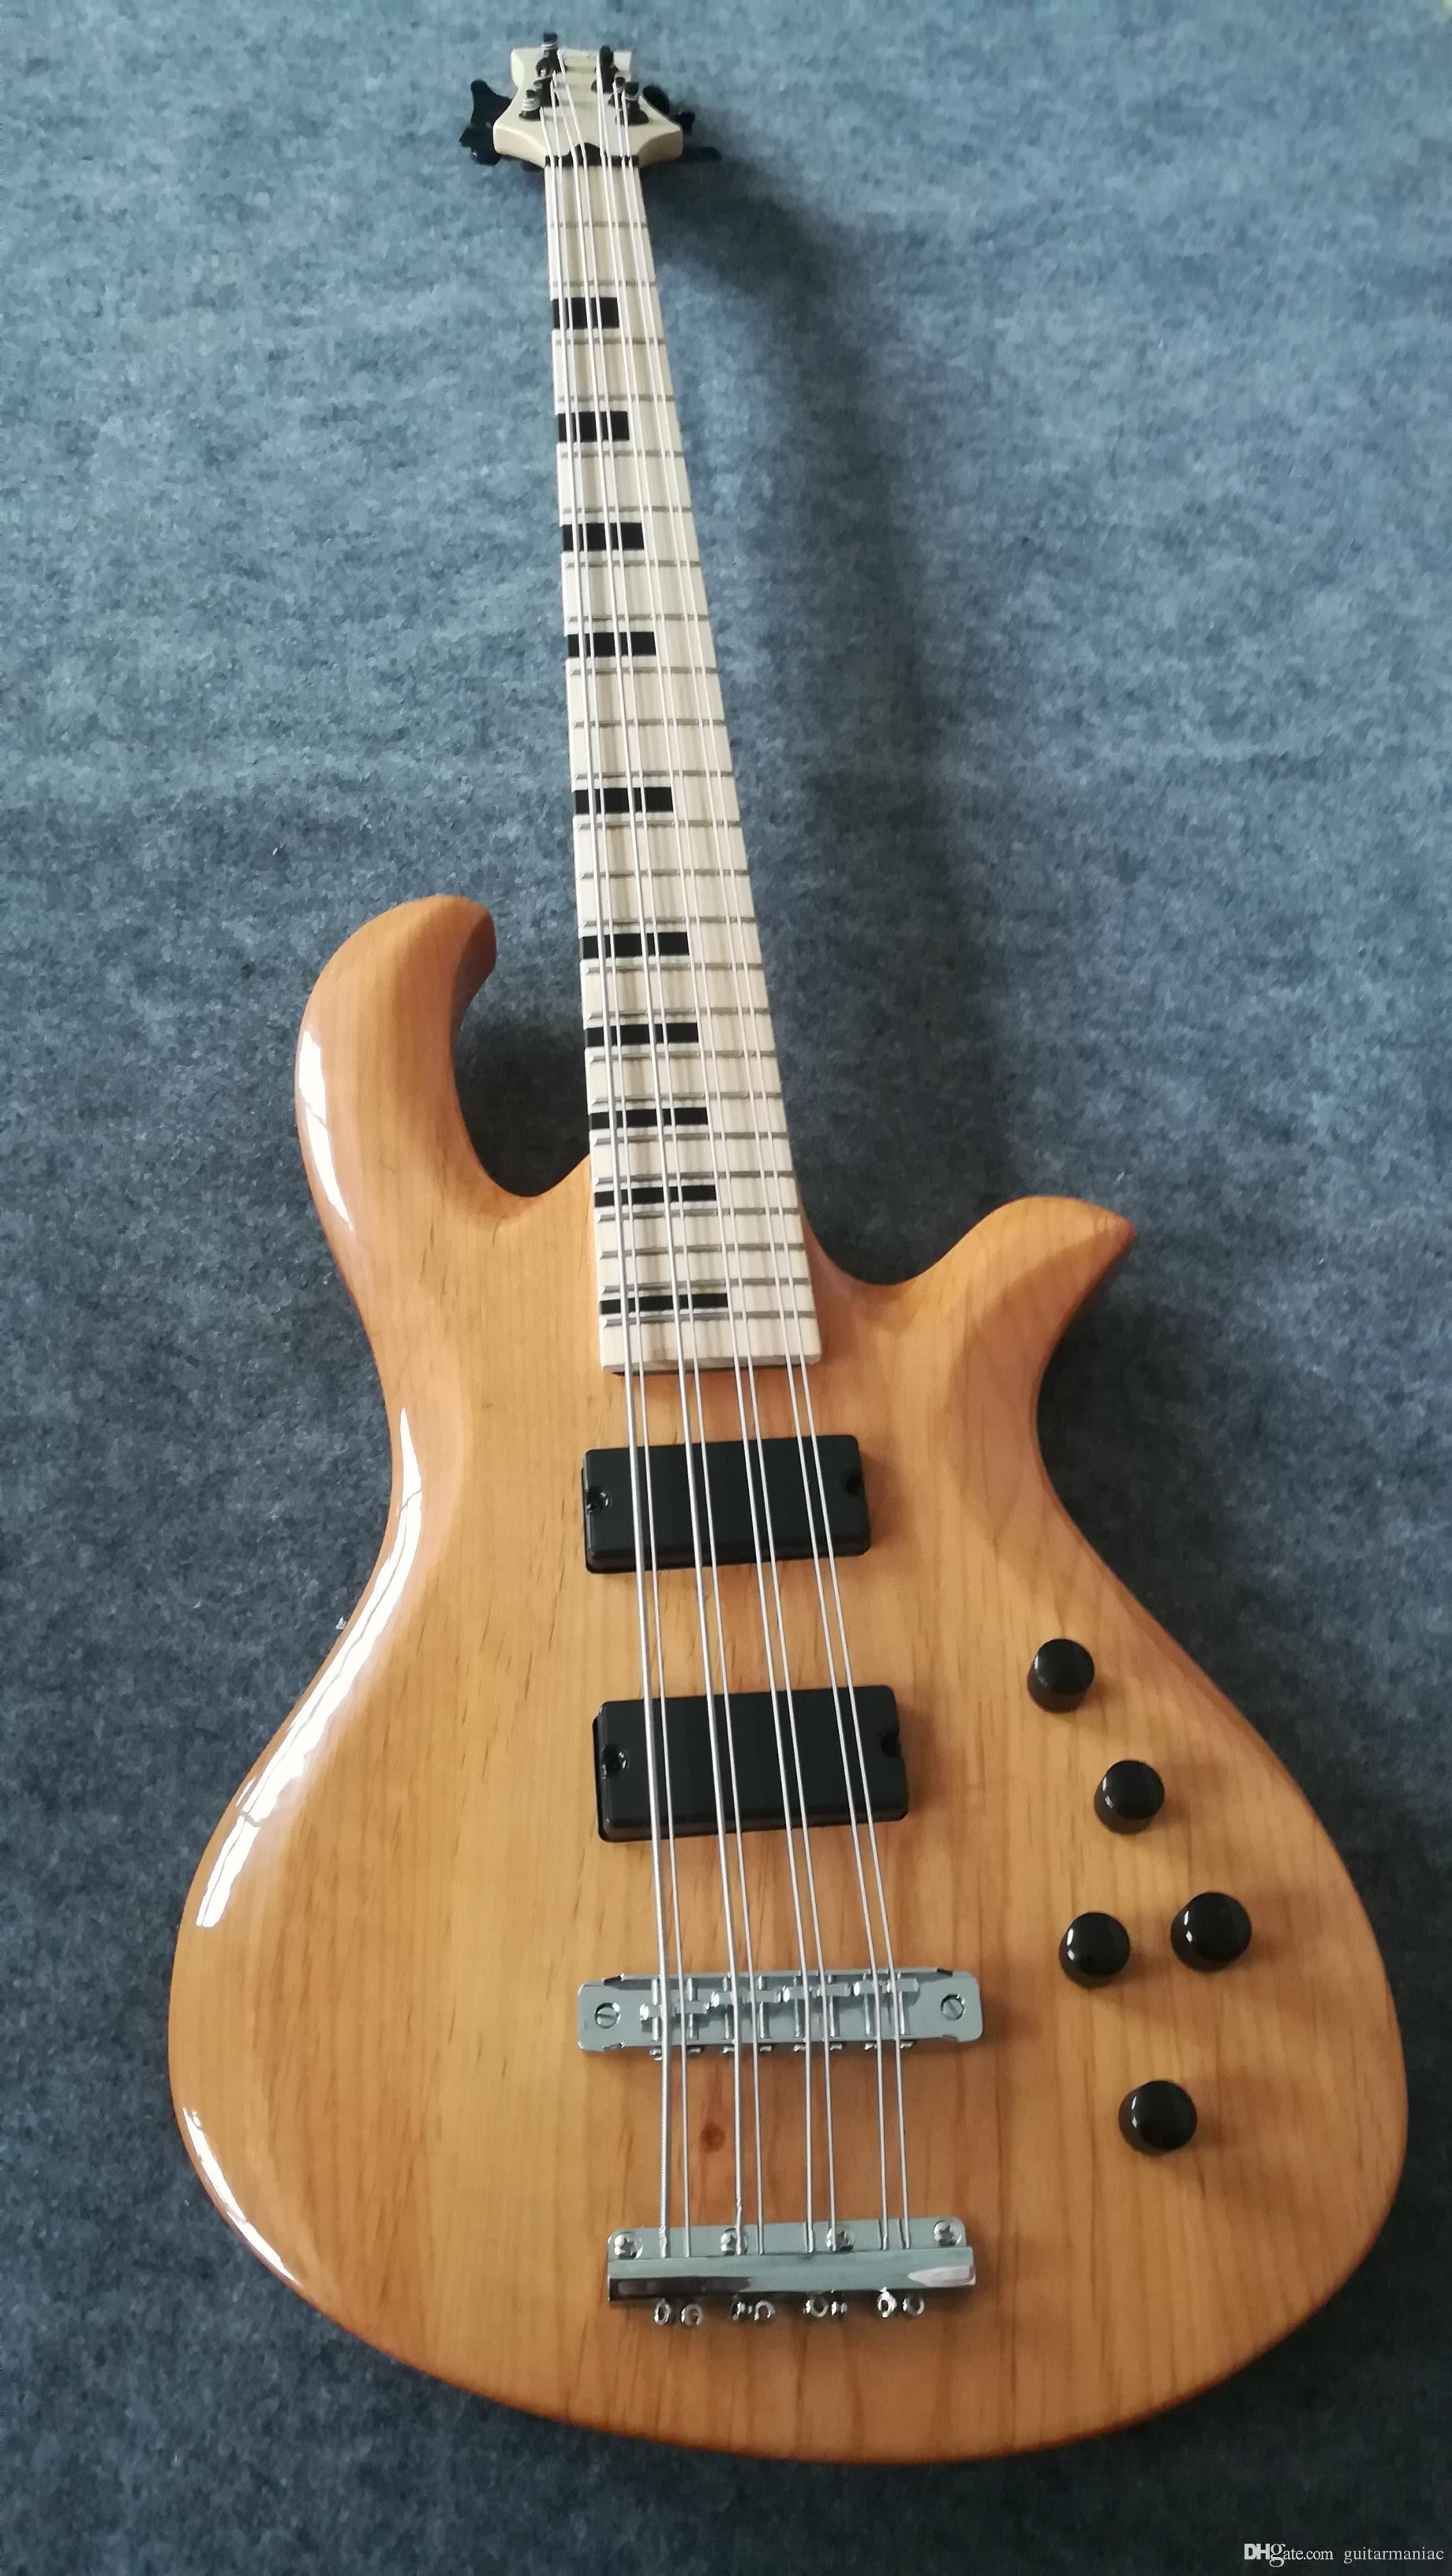 Sur mesure 8-Chord basse électrique. Nouveau Très bon basse électrique OEM Guitar Power Electronics Plus. Livraison gratuite usine chinoise a fait à l'ordre